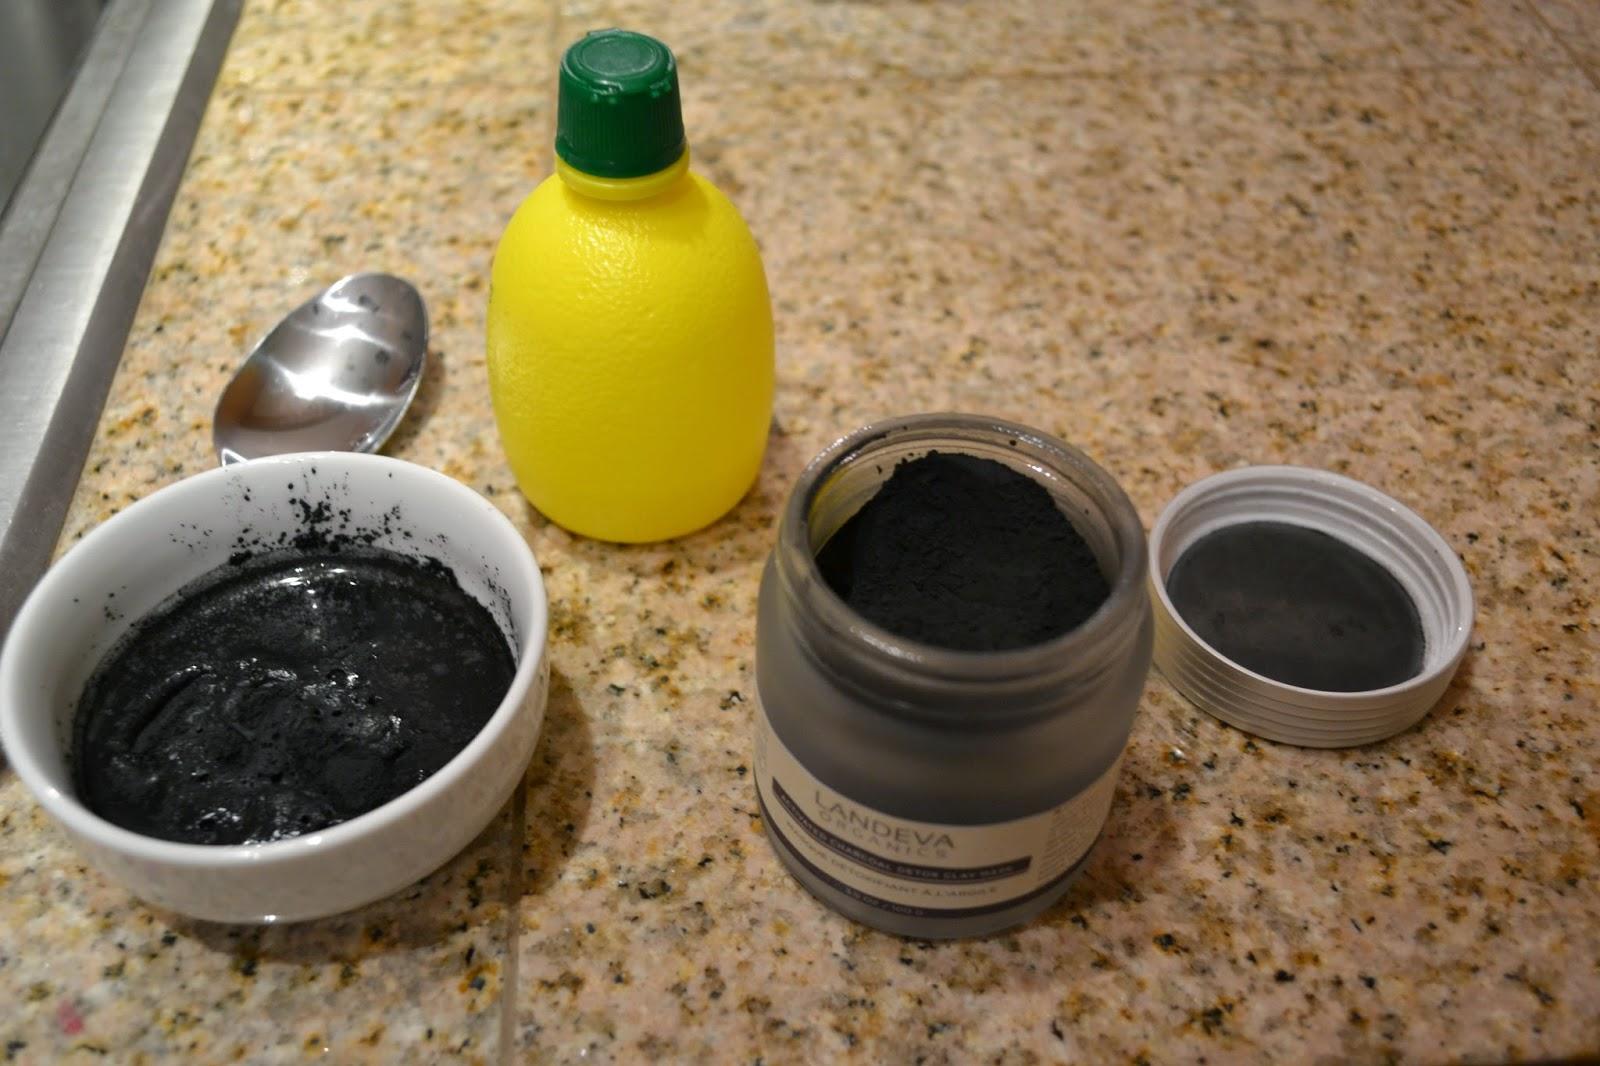 Landeva Organics Activated Charcoal Detox Clay Mask